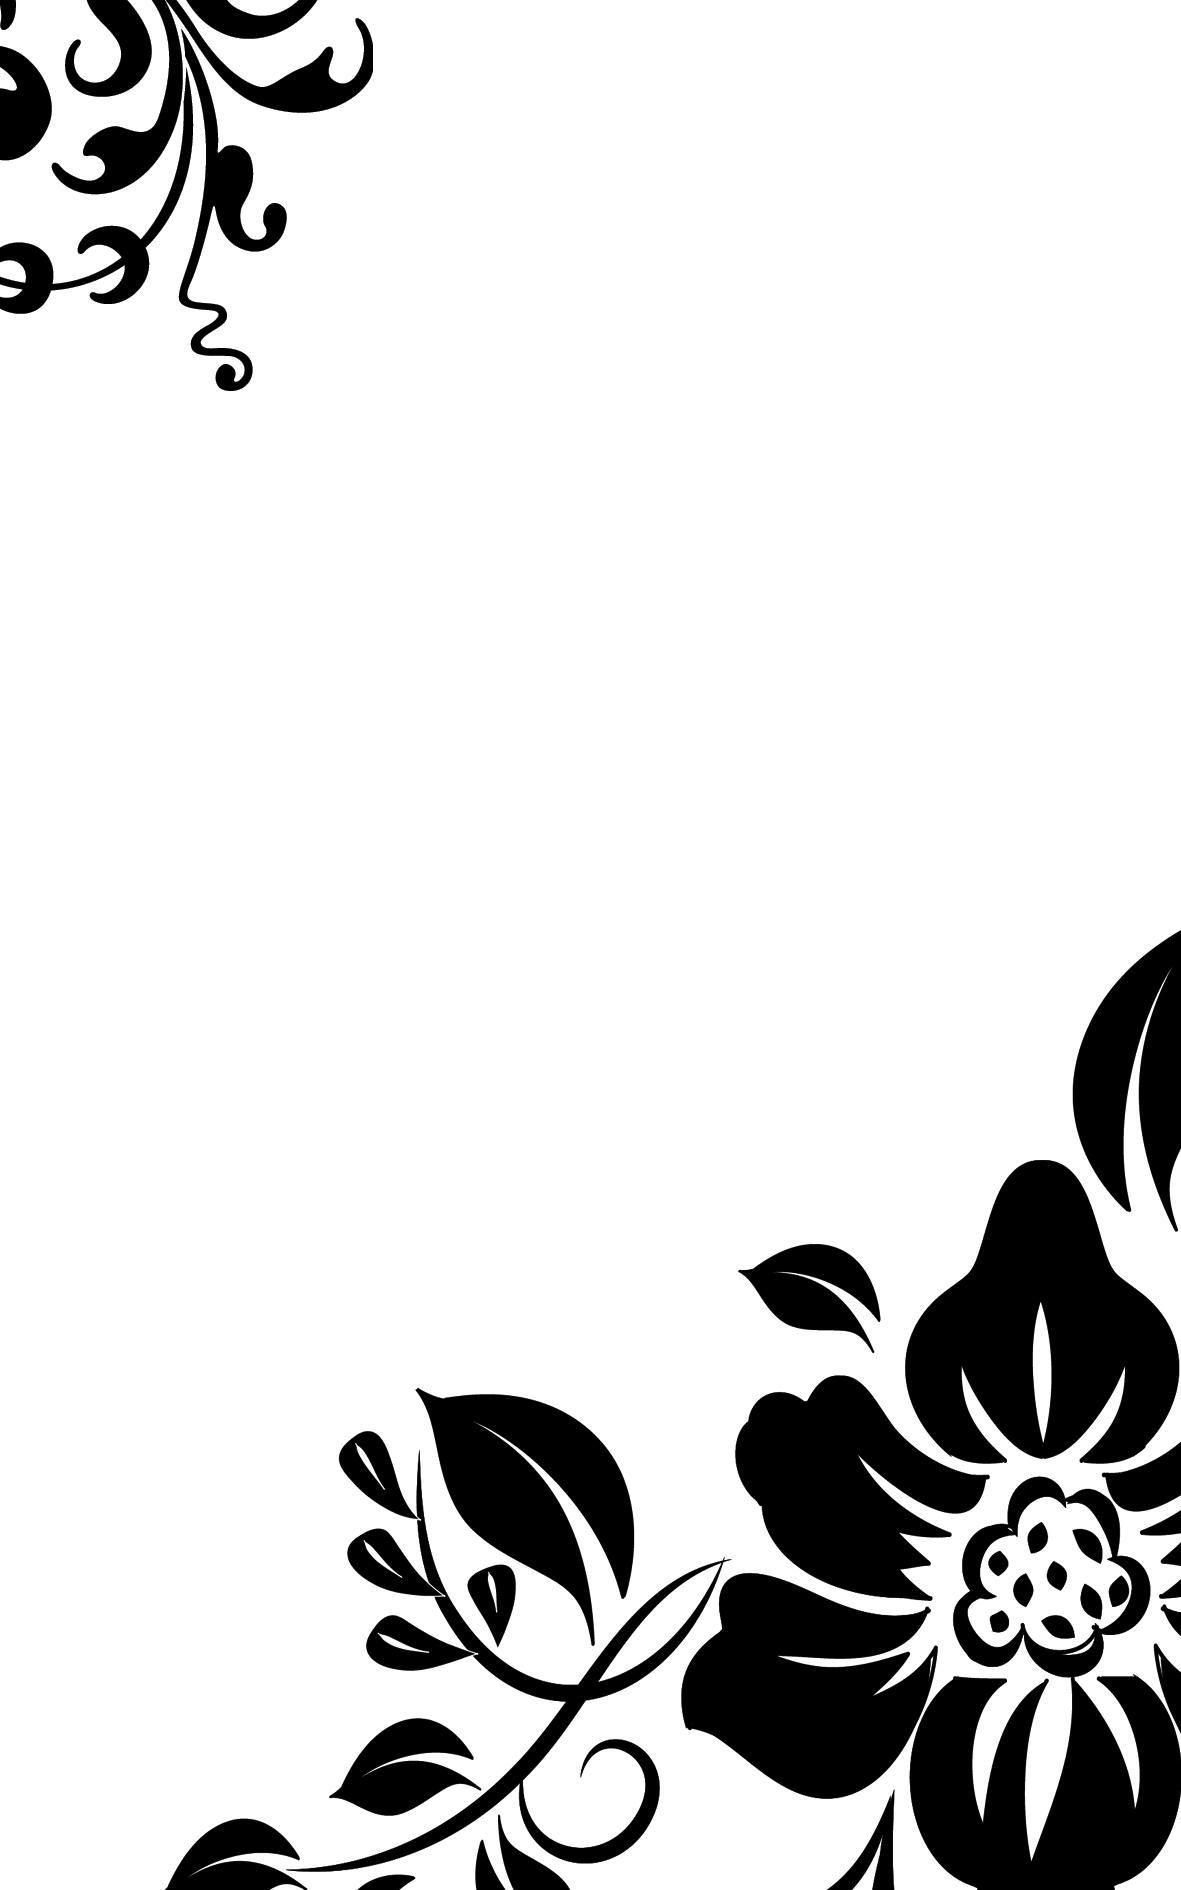 Wedding Series: Partecipazioni di Nozze Elegance - Wedding invitations